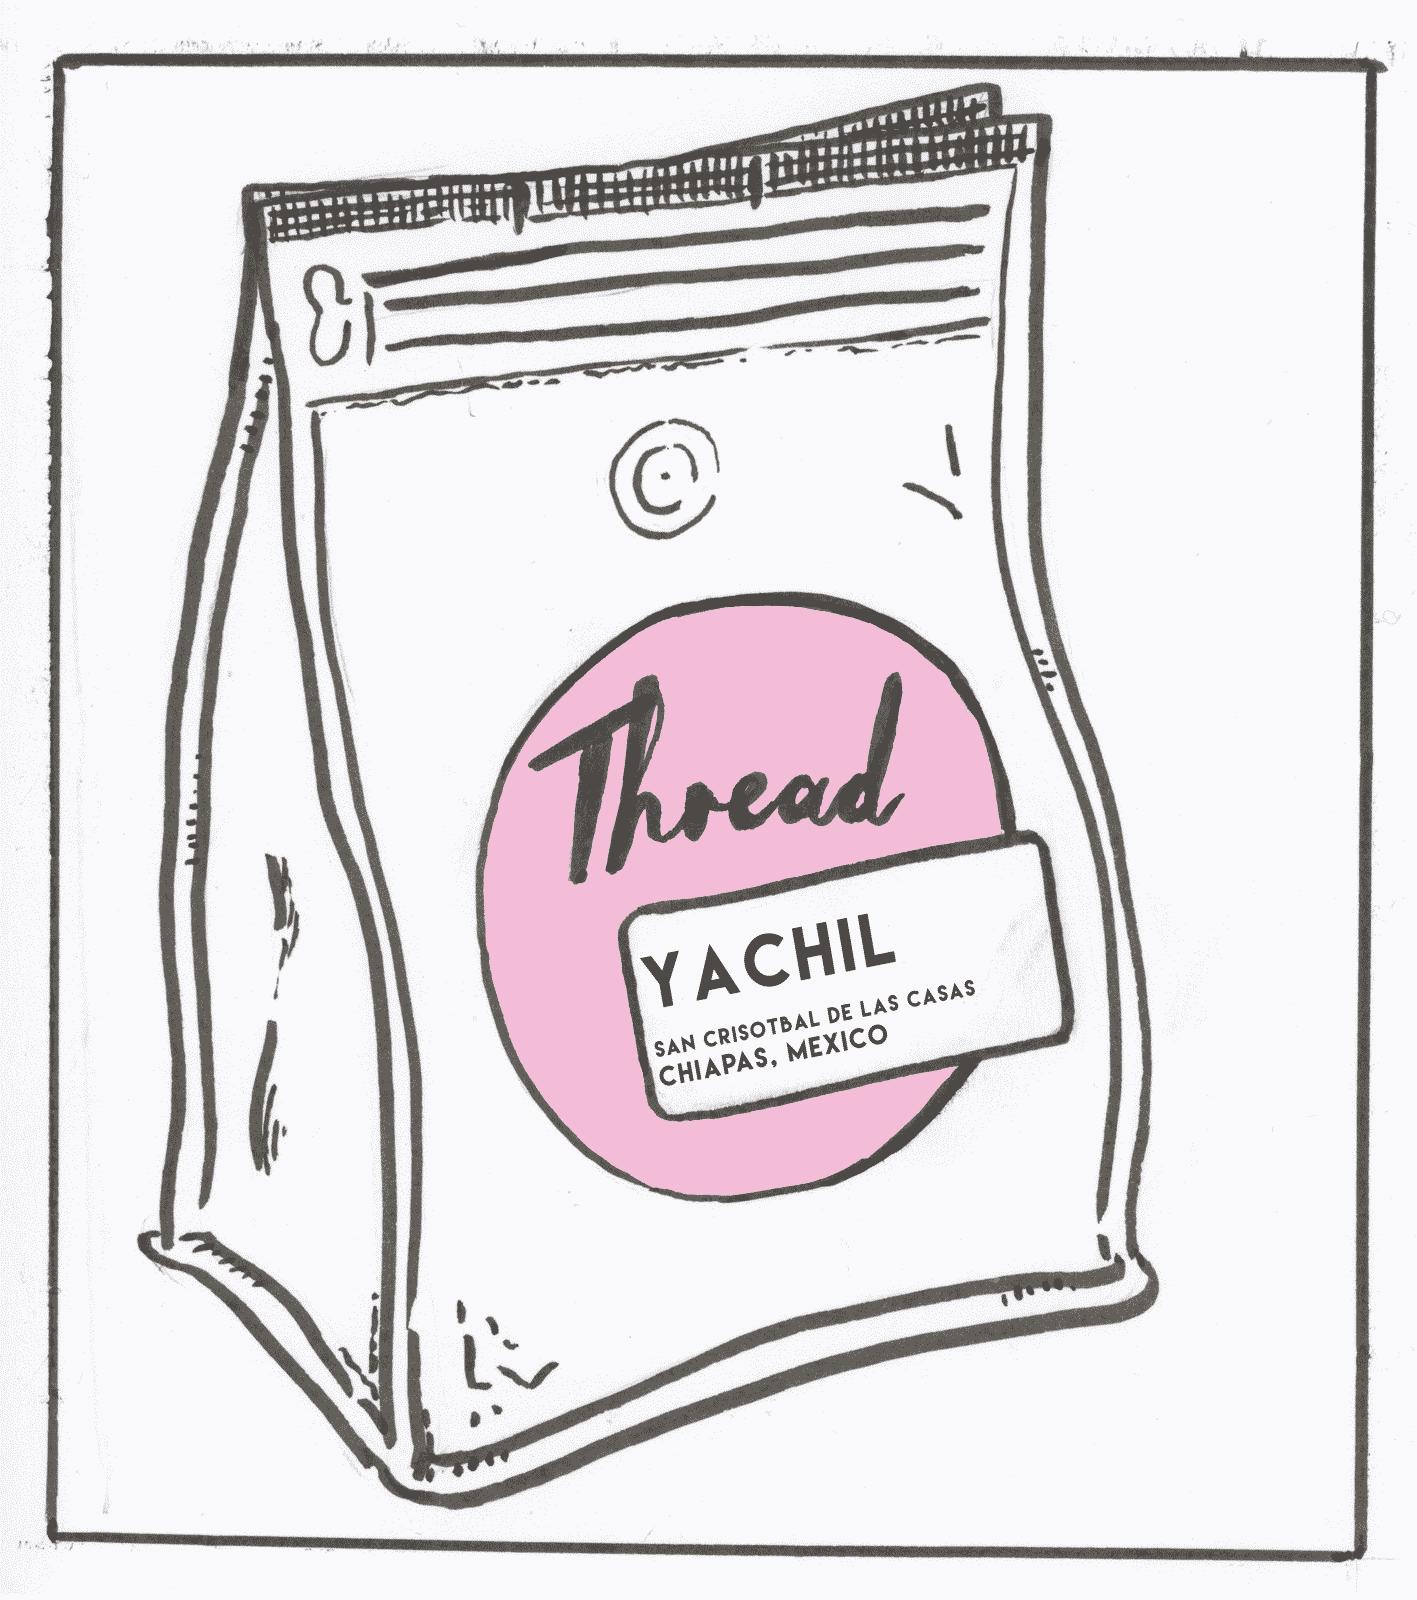 Yachil - Mexico